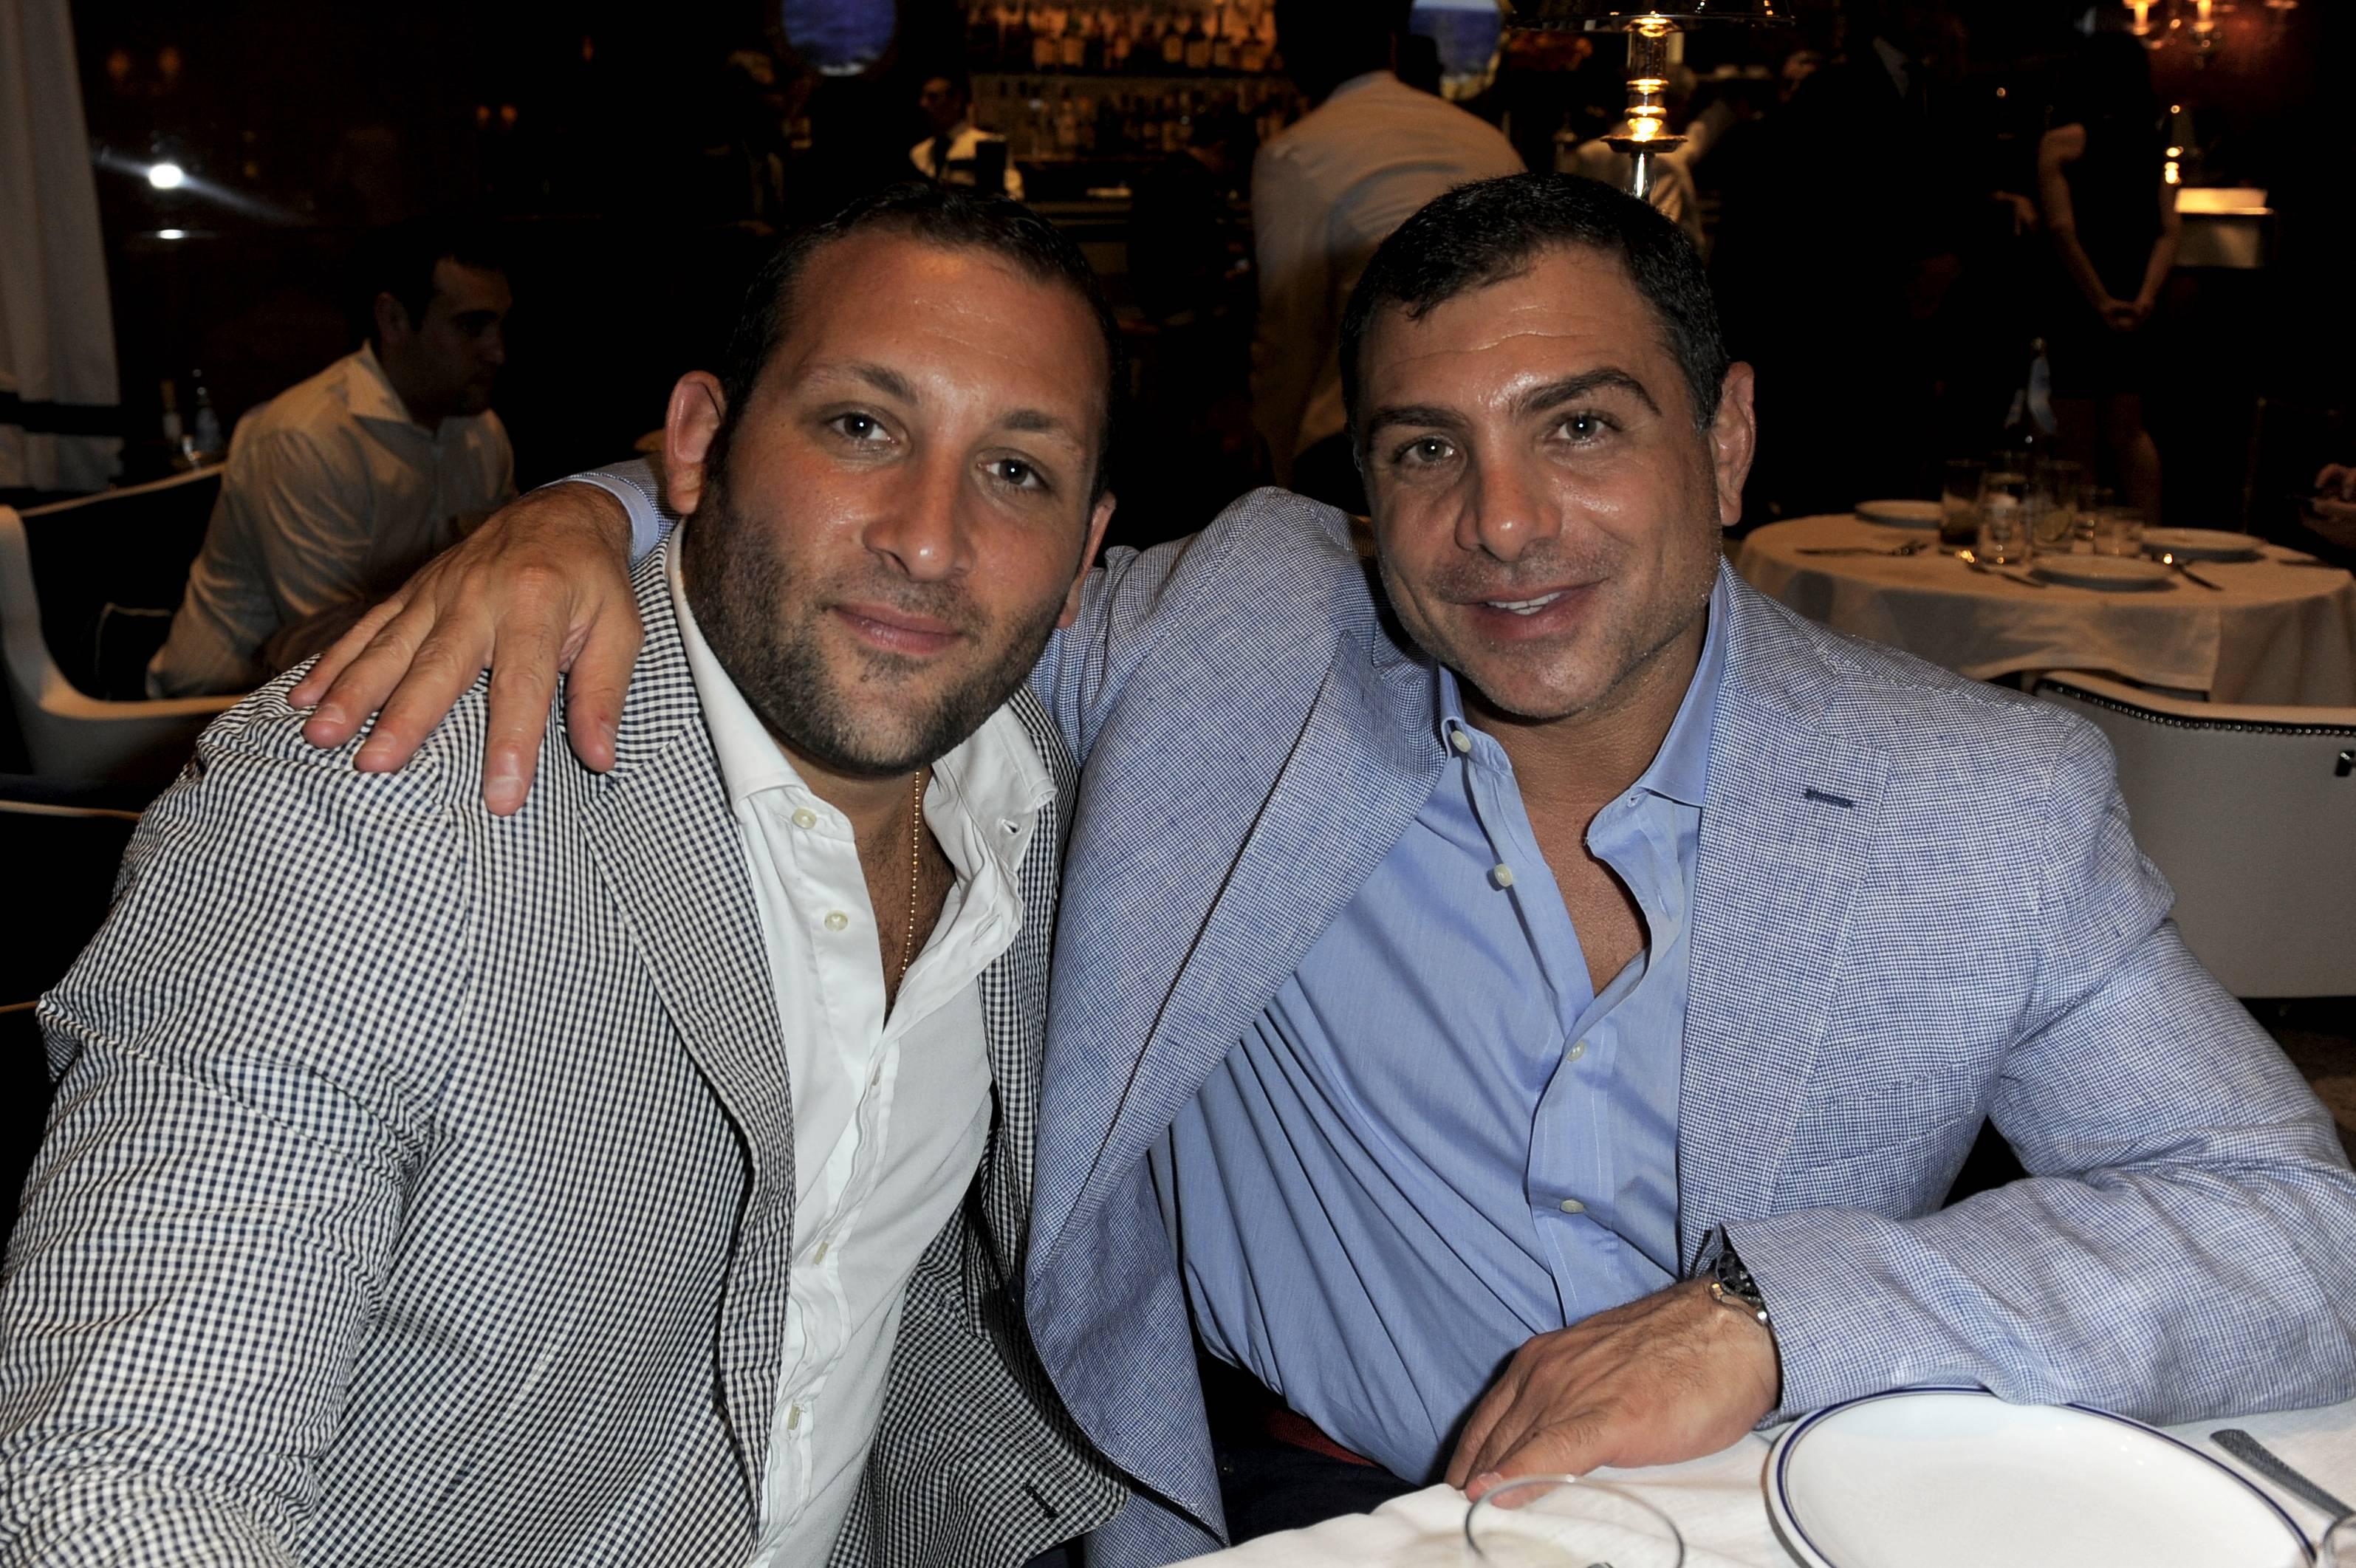 Keith Menin and Antonio Misuraca